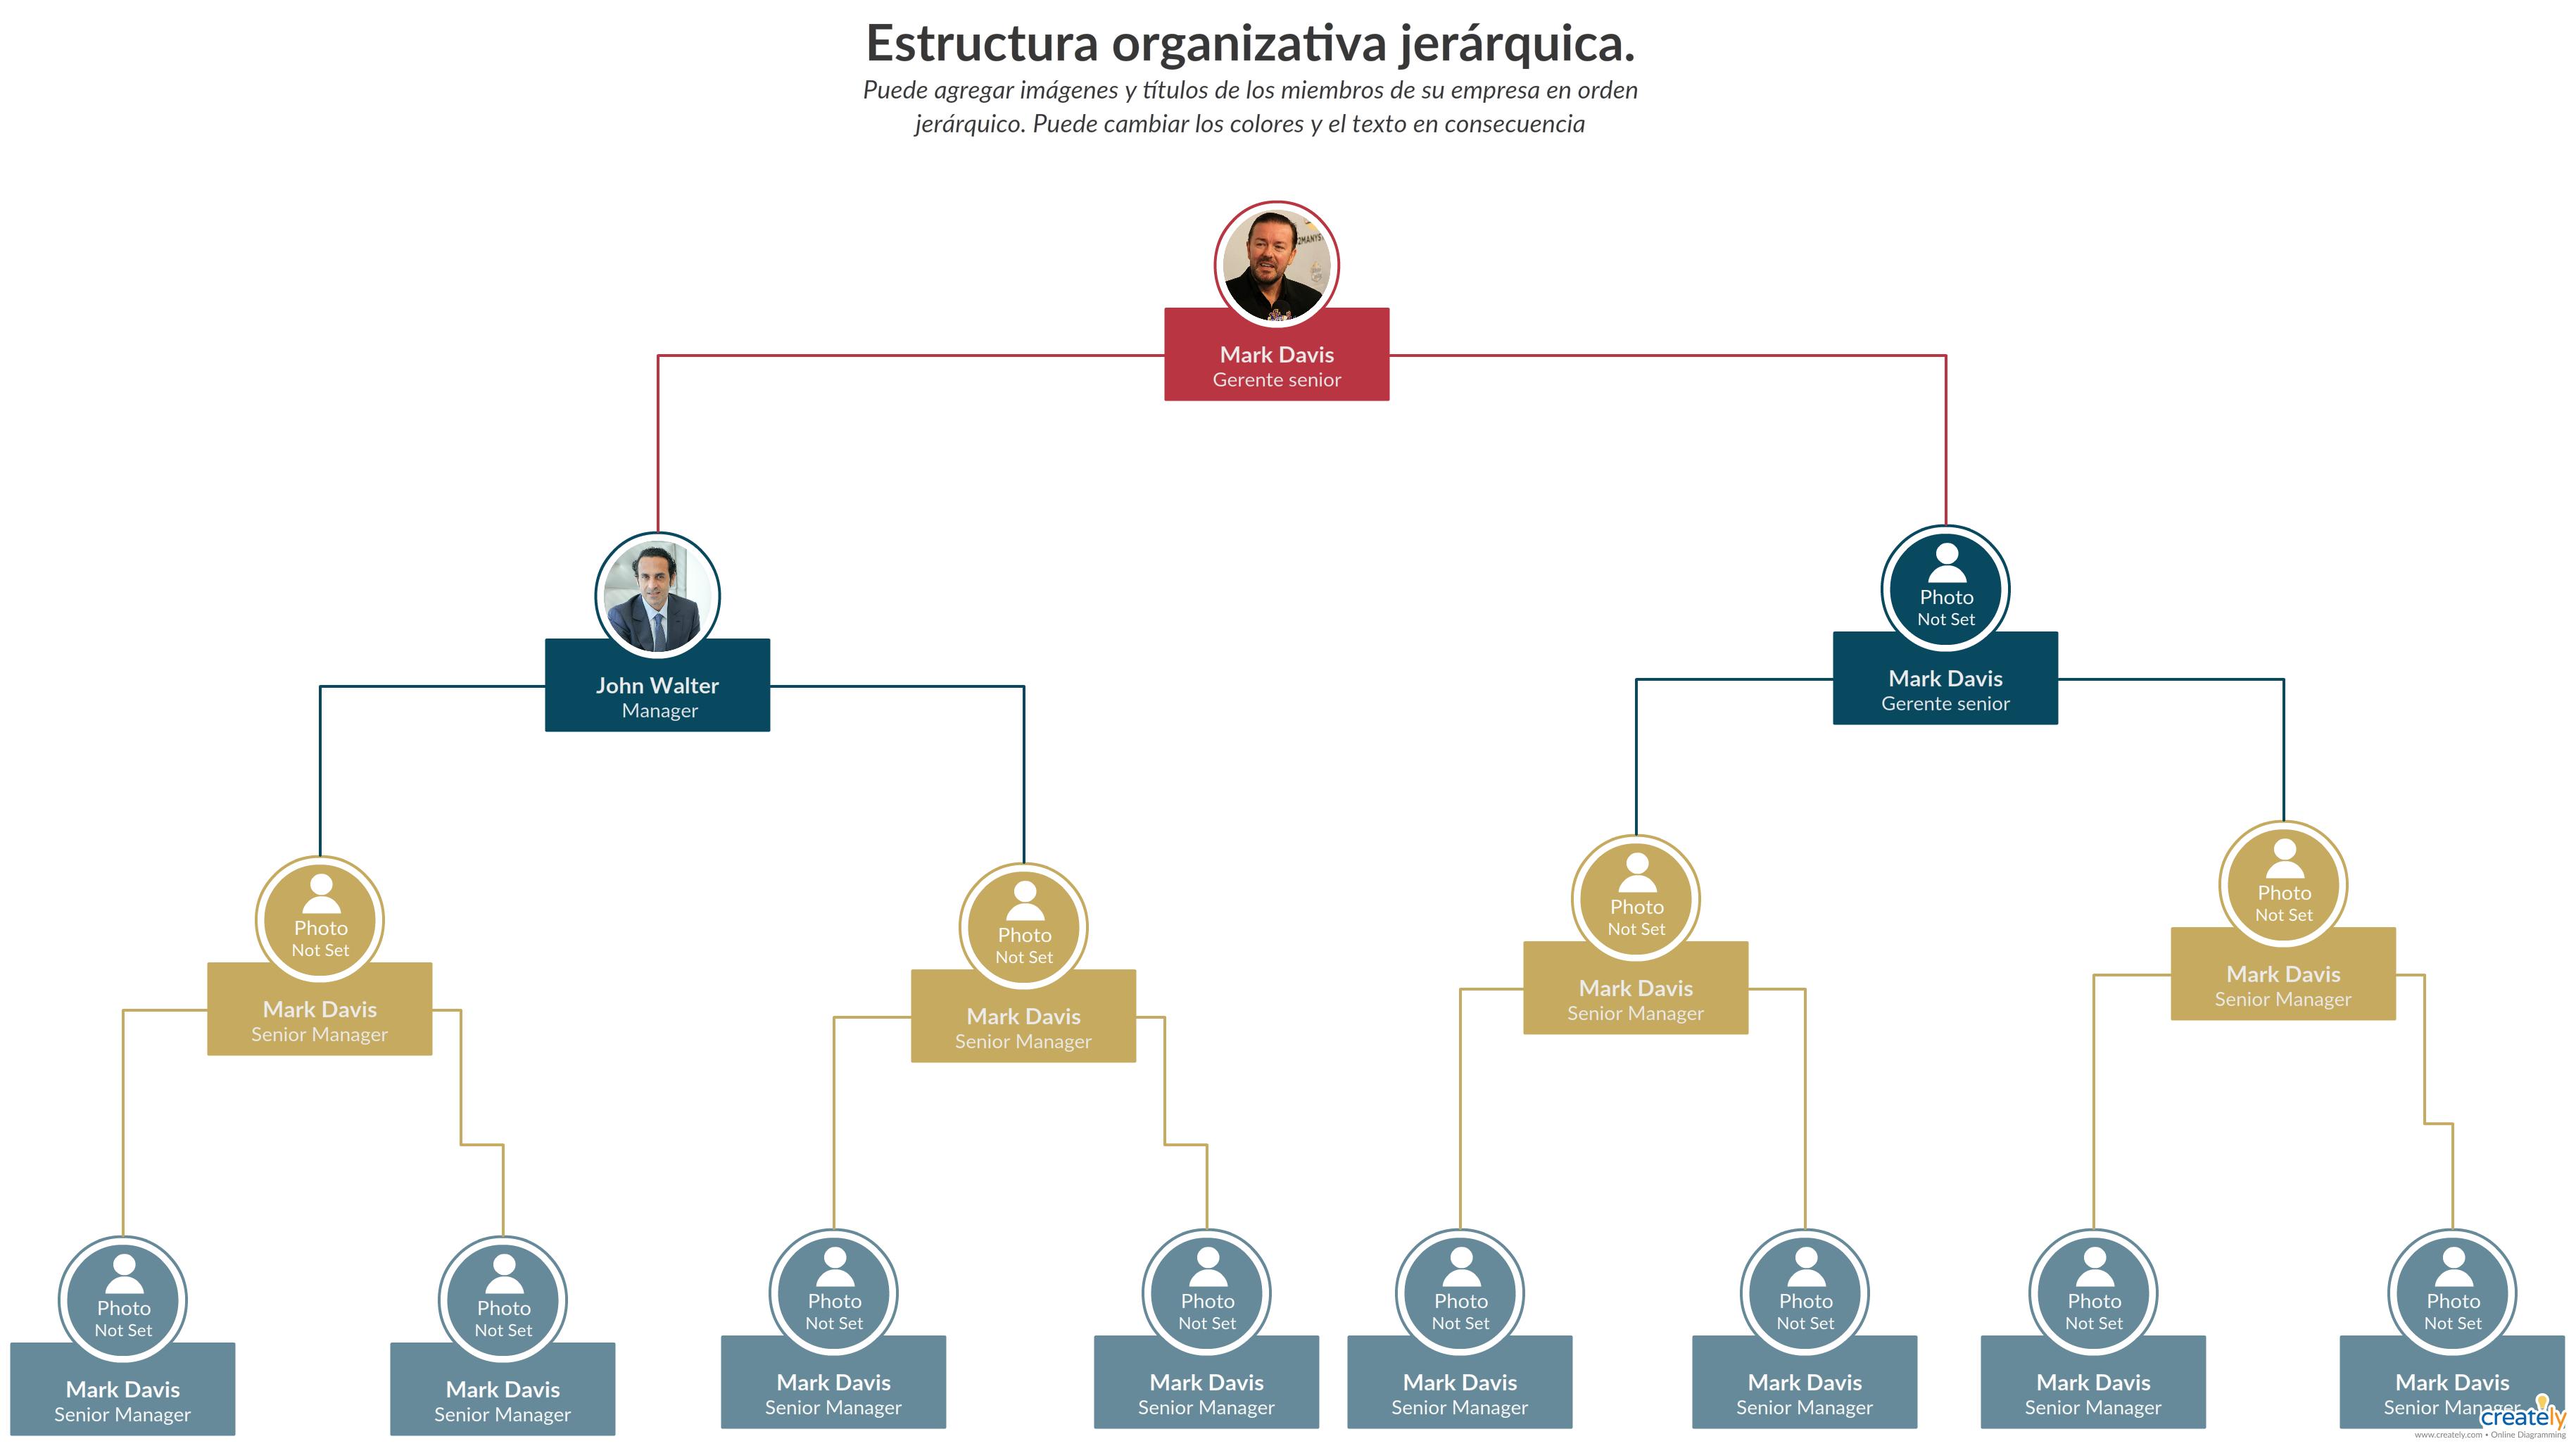 Una Estructura Organizacional Jerárquica Es La Cadena De